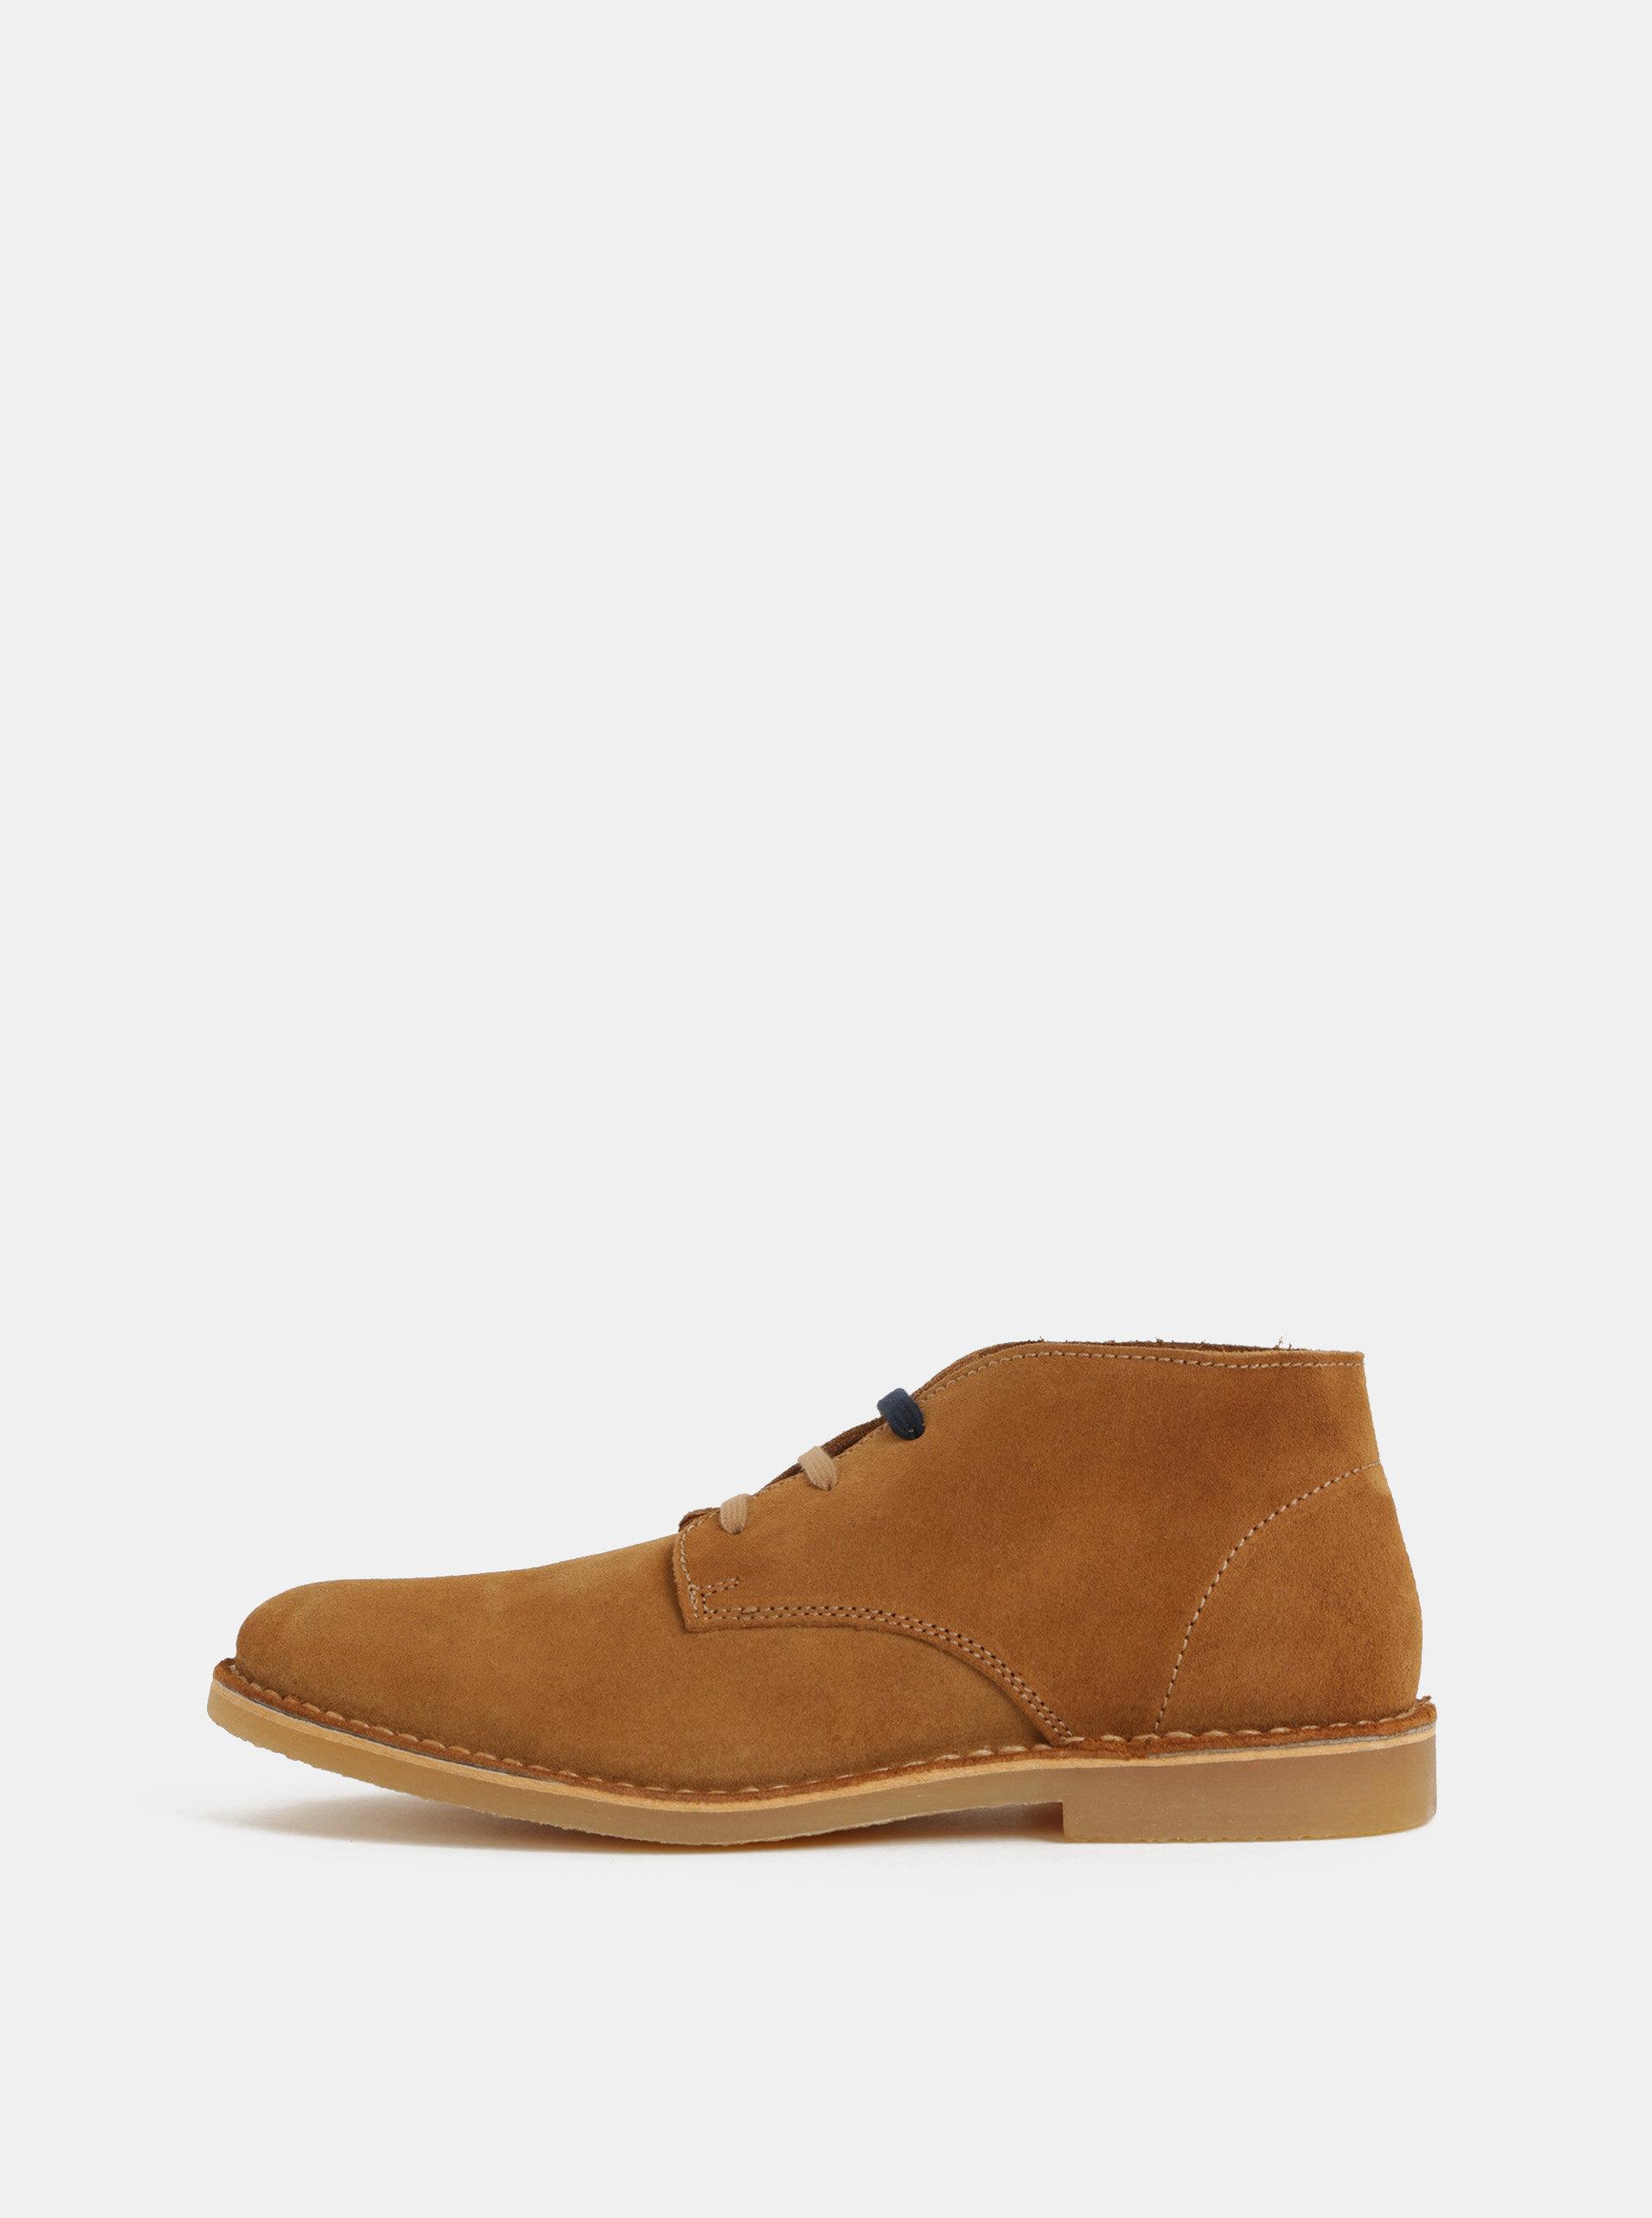 Hnedé pánske semišové členkové topánky Selected Homme Royce ... 24fb7641364